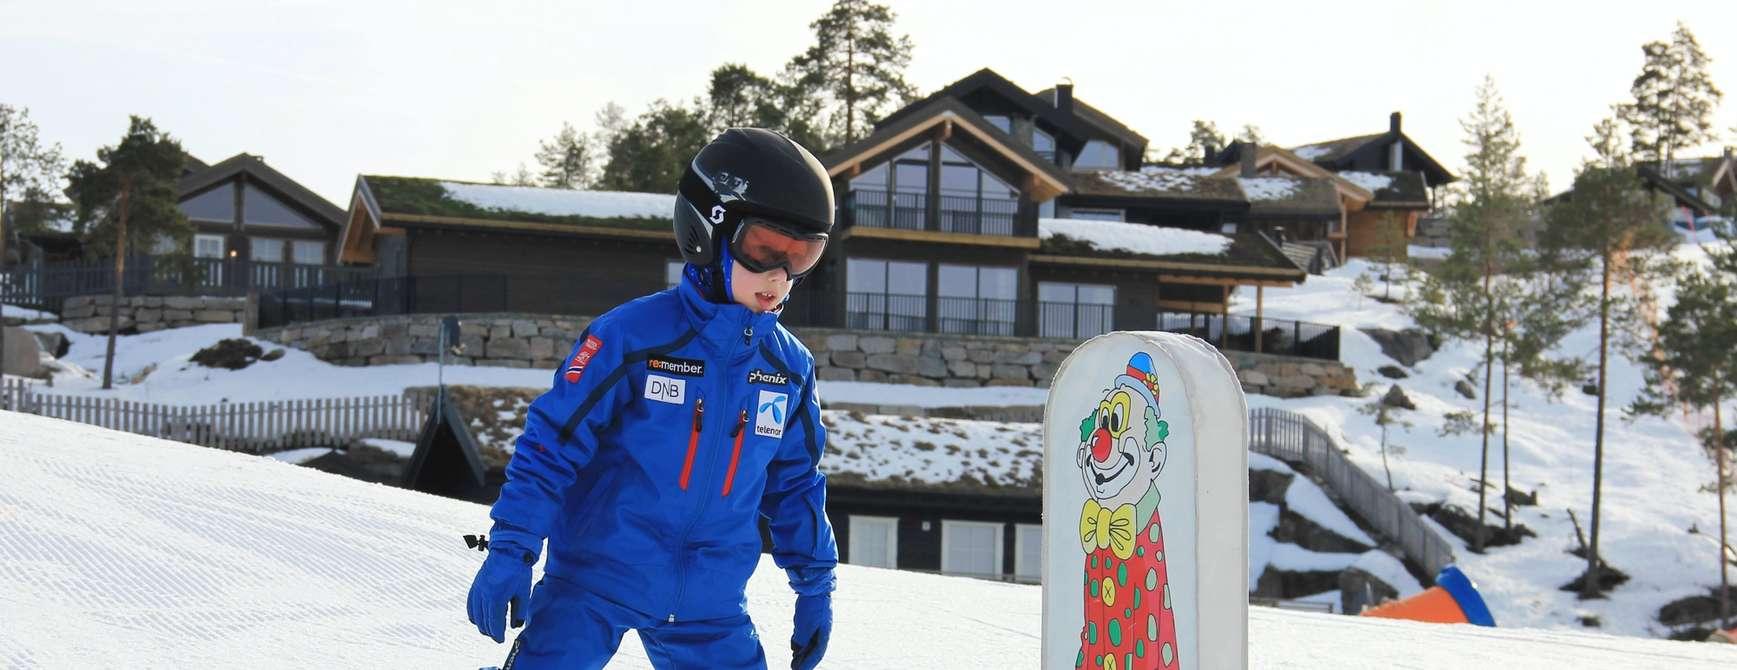 Foto: Vrådal Panorama Skicenter